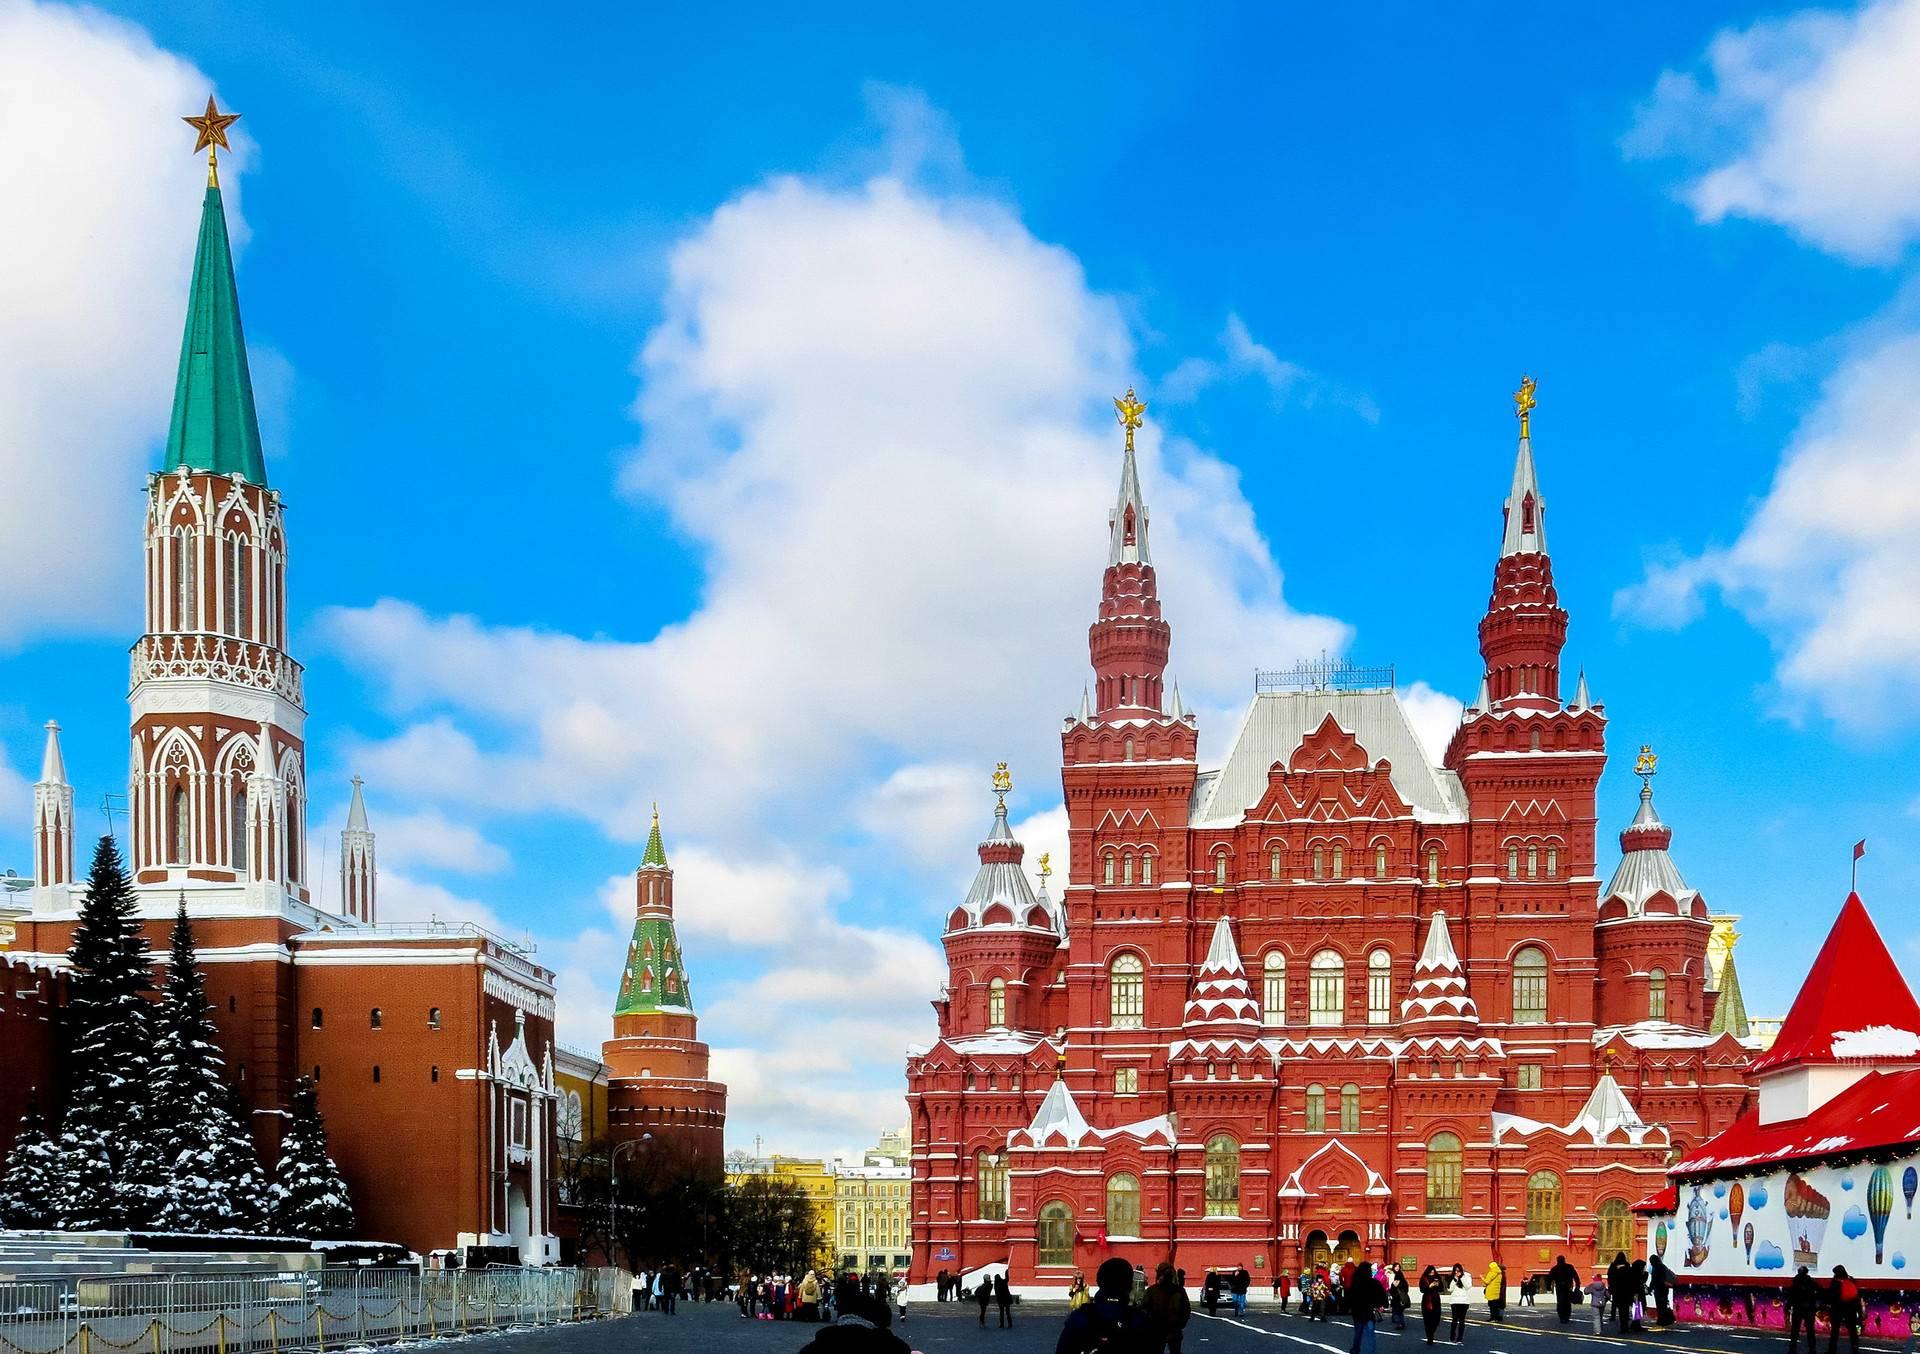 【倾奢】俄罗斯·莫斯科+圣彼得堡·9天7晚